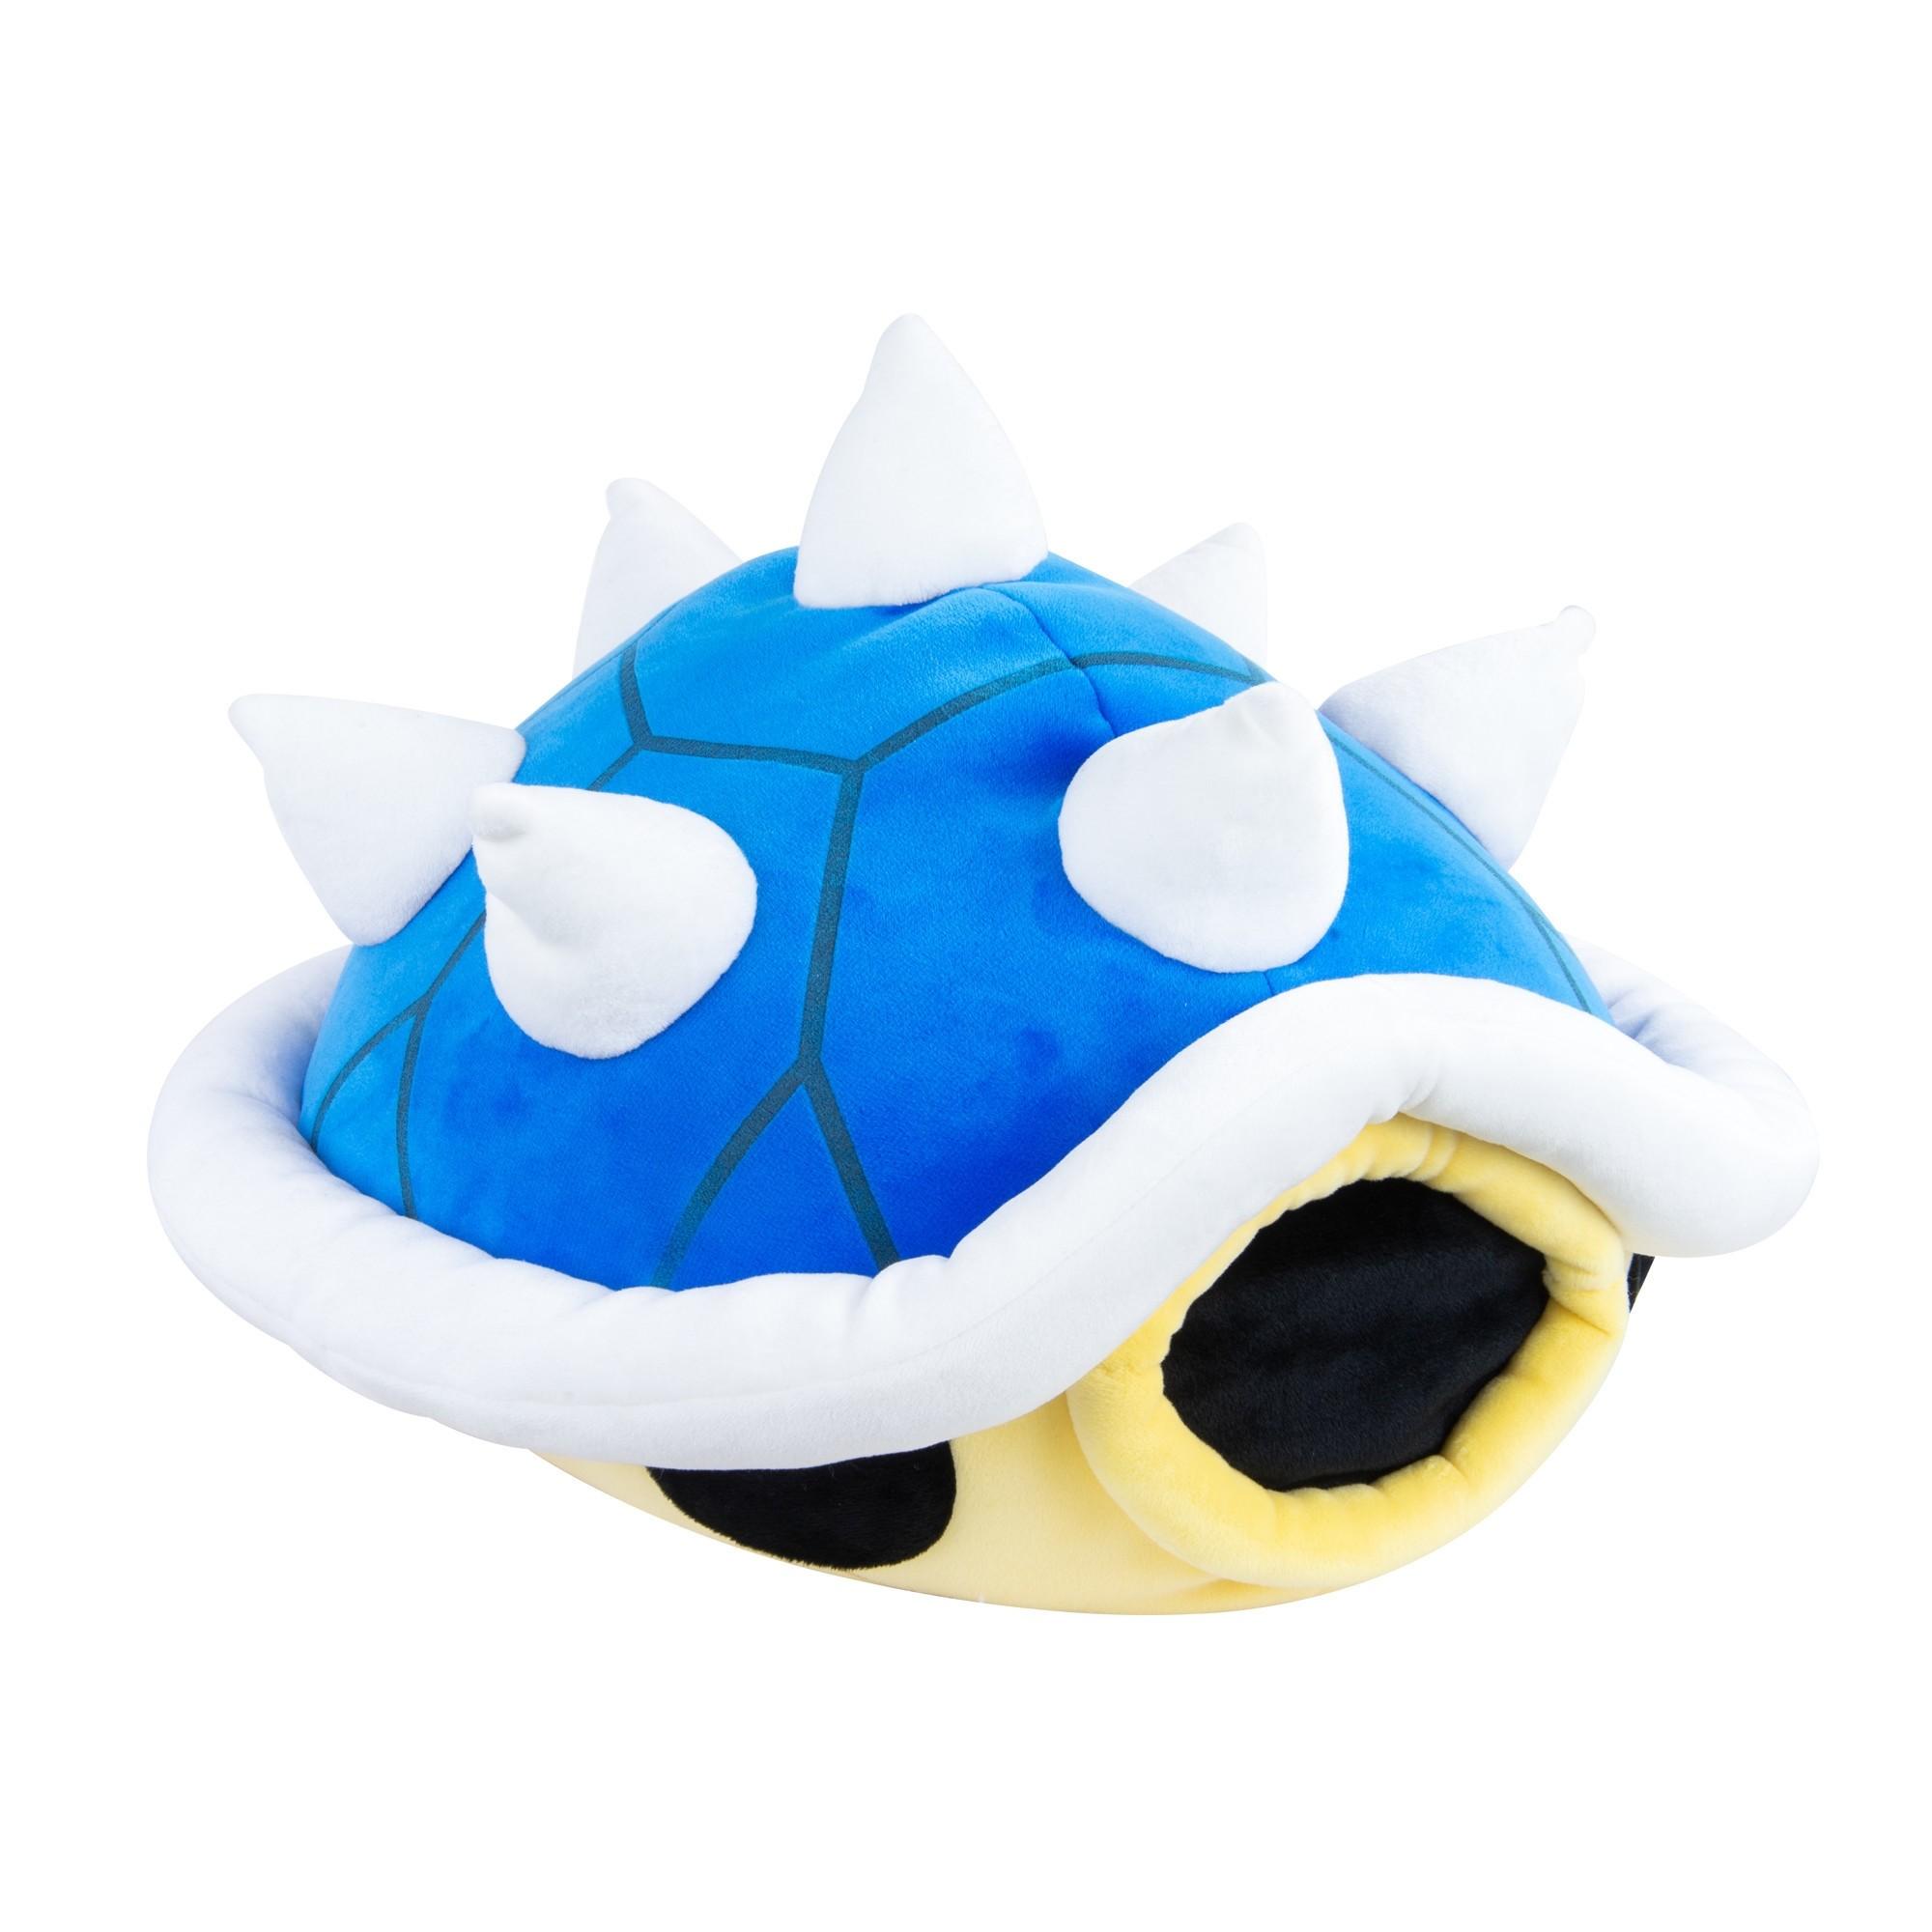 Mocchi-Mocchi Mario Kart Spiny Blue Shell Mega Plush